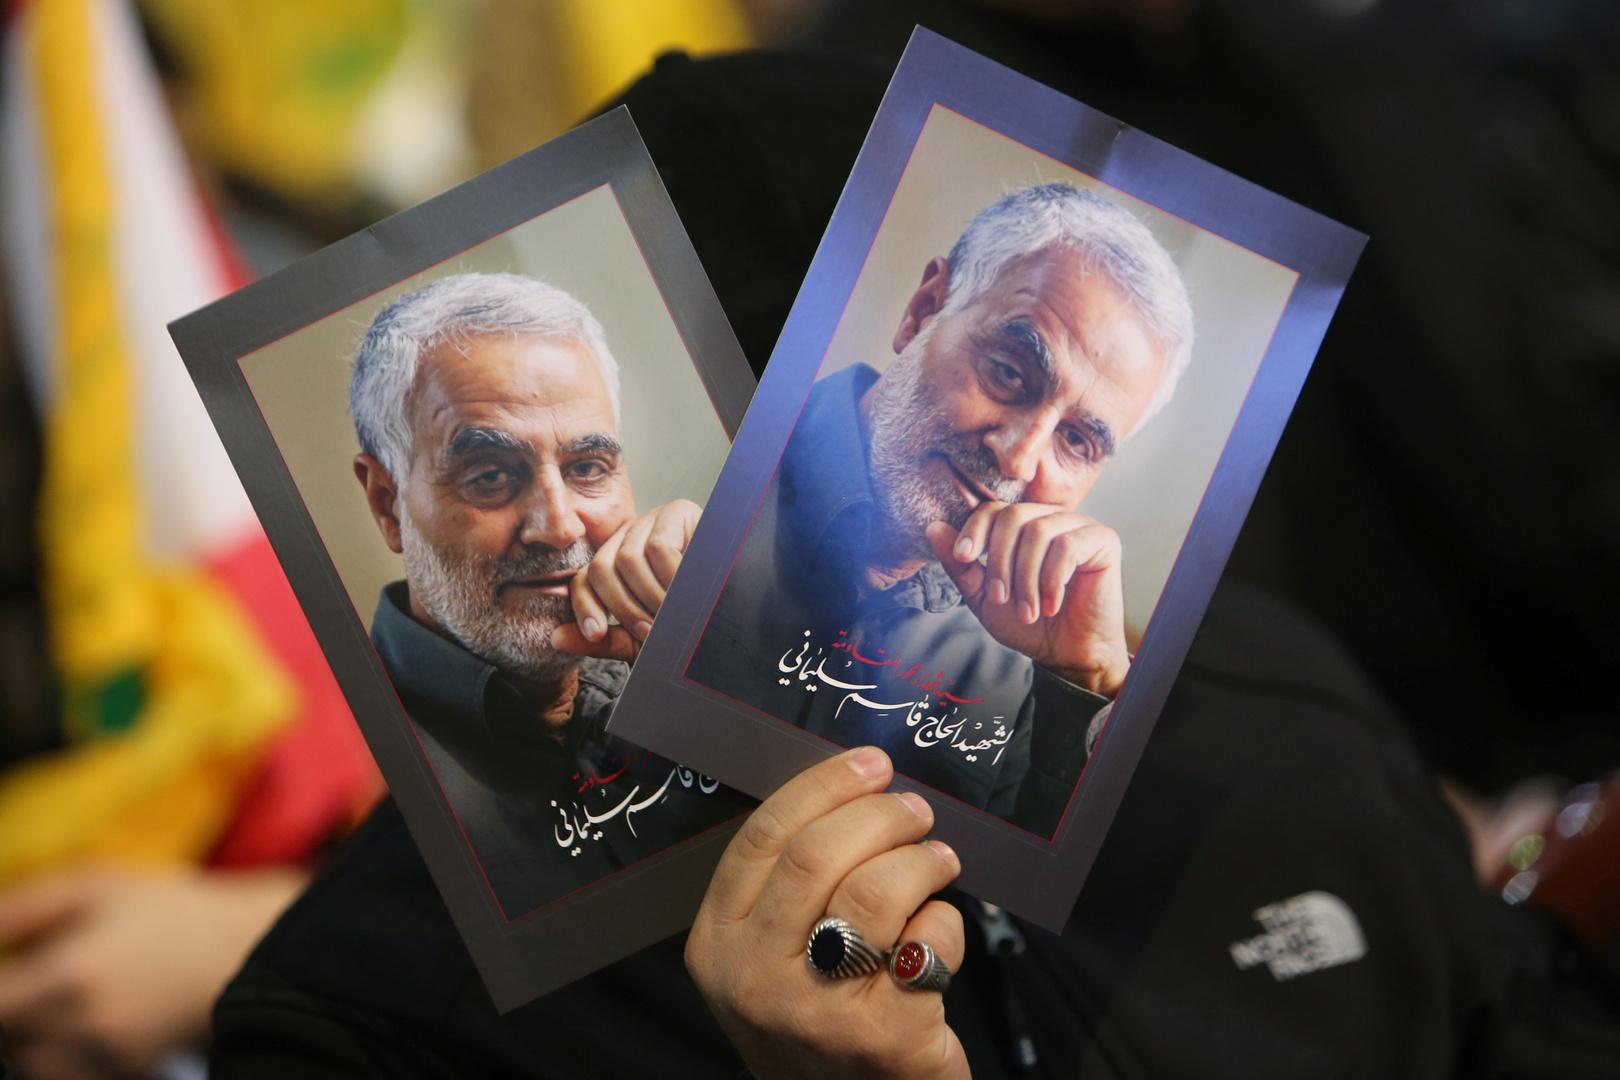 قائد فيلق القدس في الحرس الثوري الإيراني الراحل، قاسم سليماني